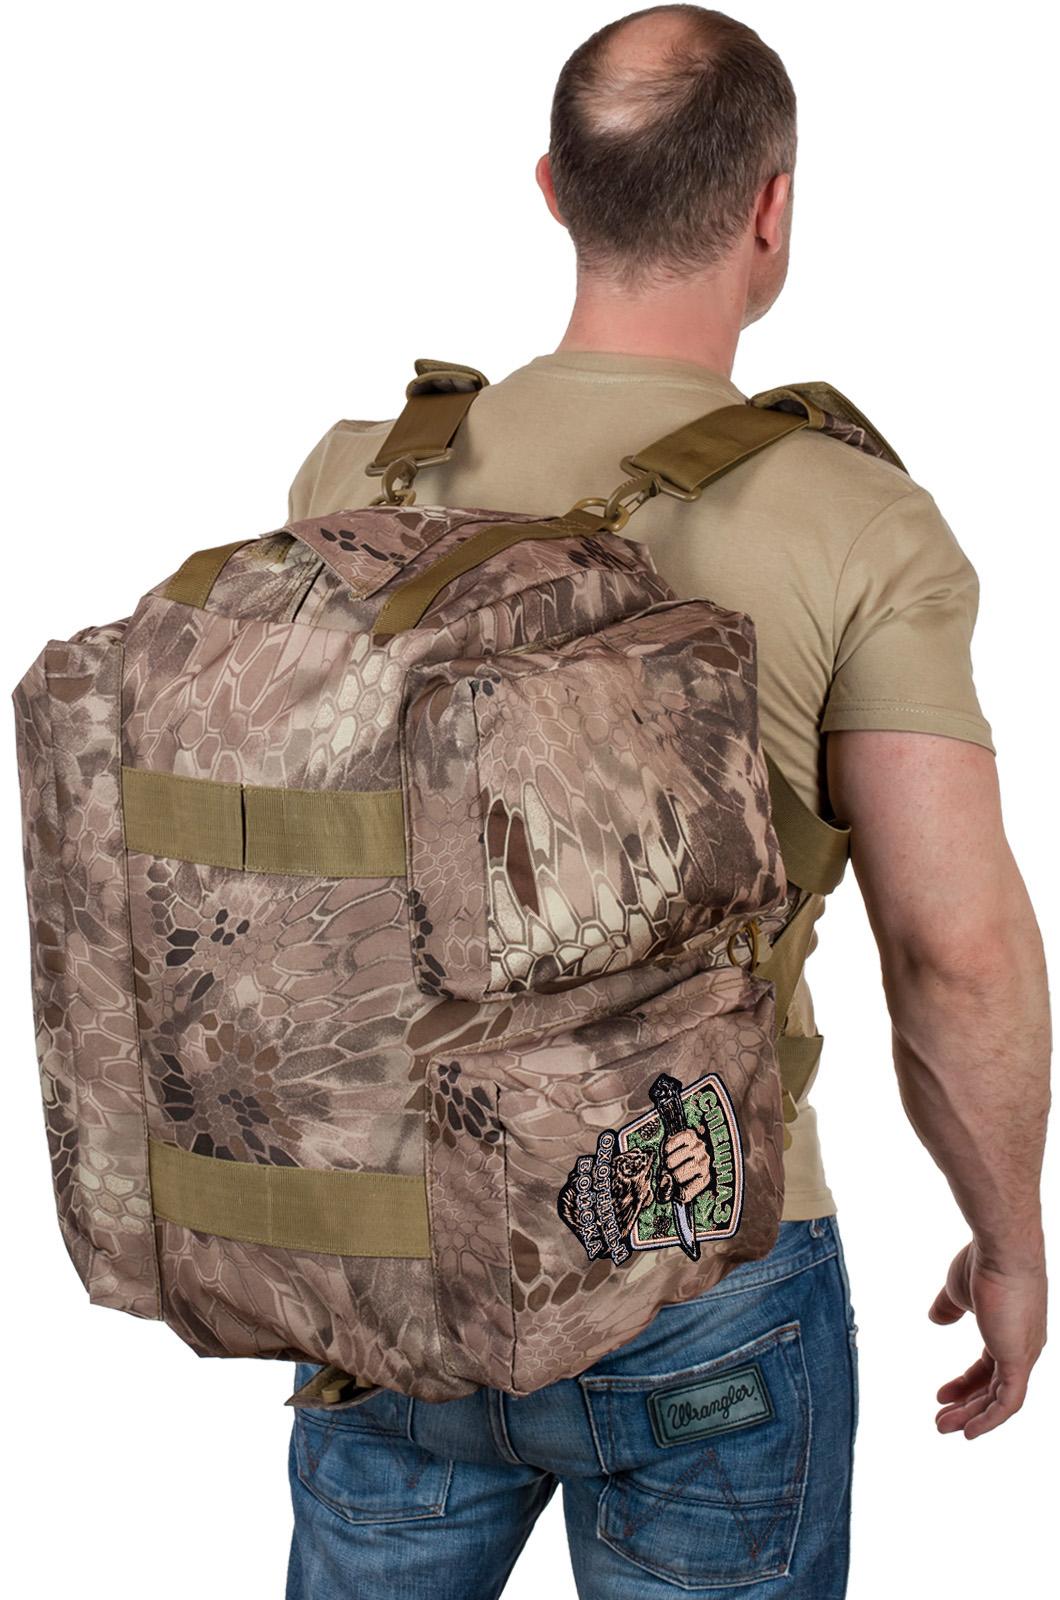 Тактическая дорожная сумка с нашивкой Охотничьего спецназа купить в подарок